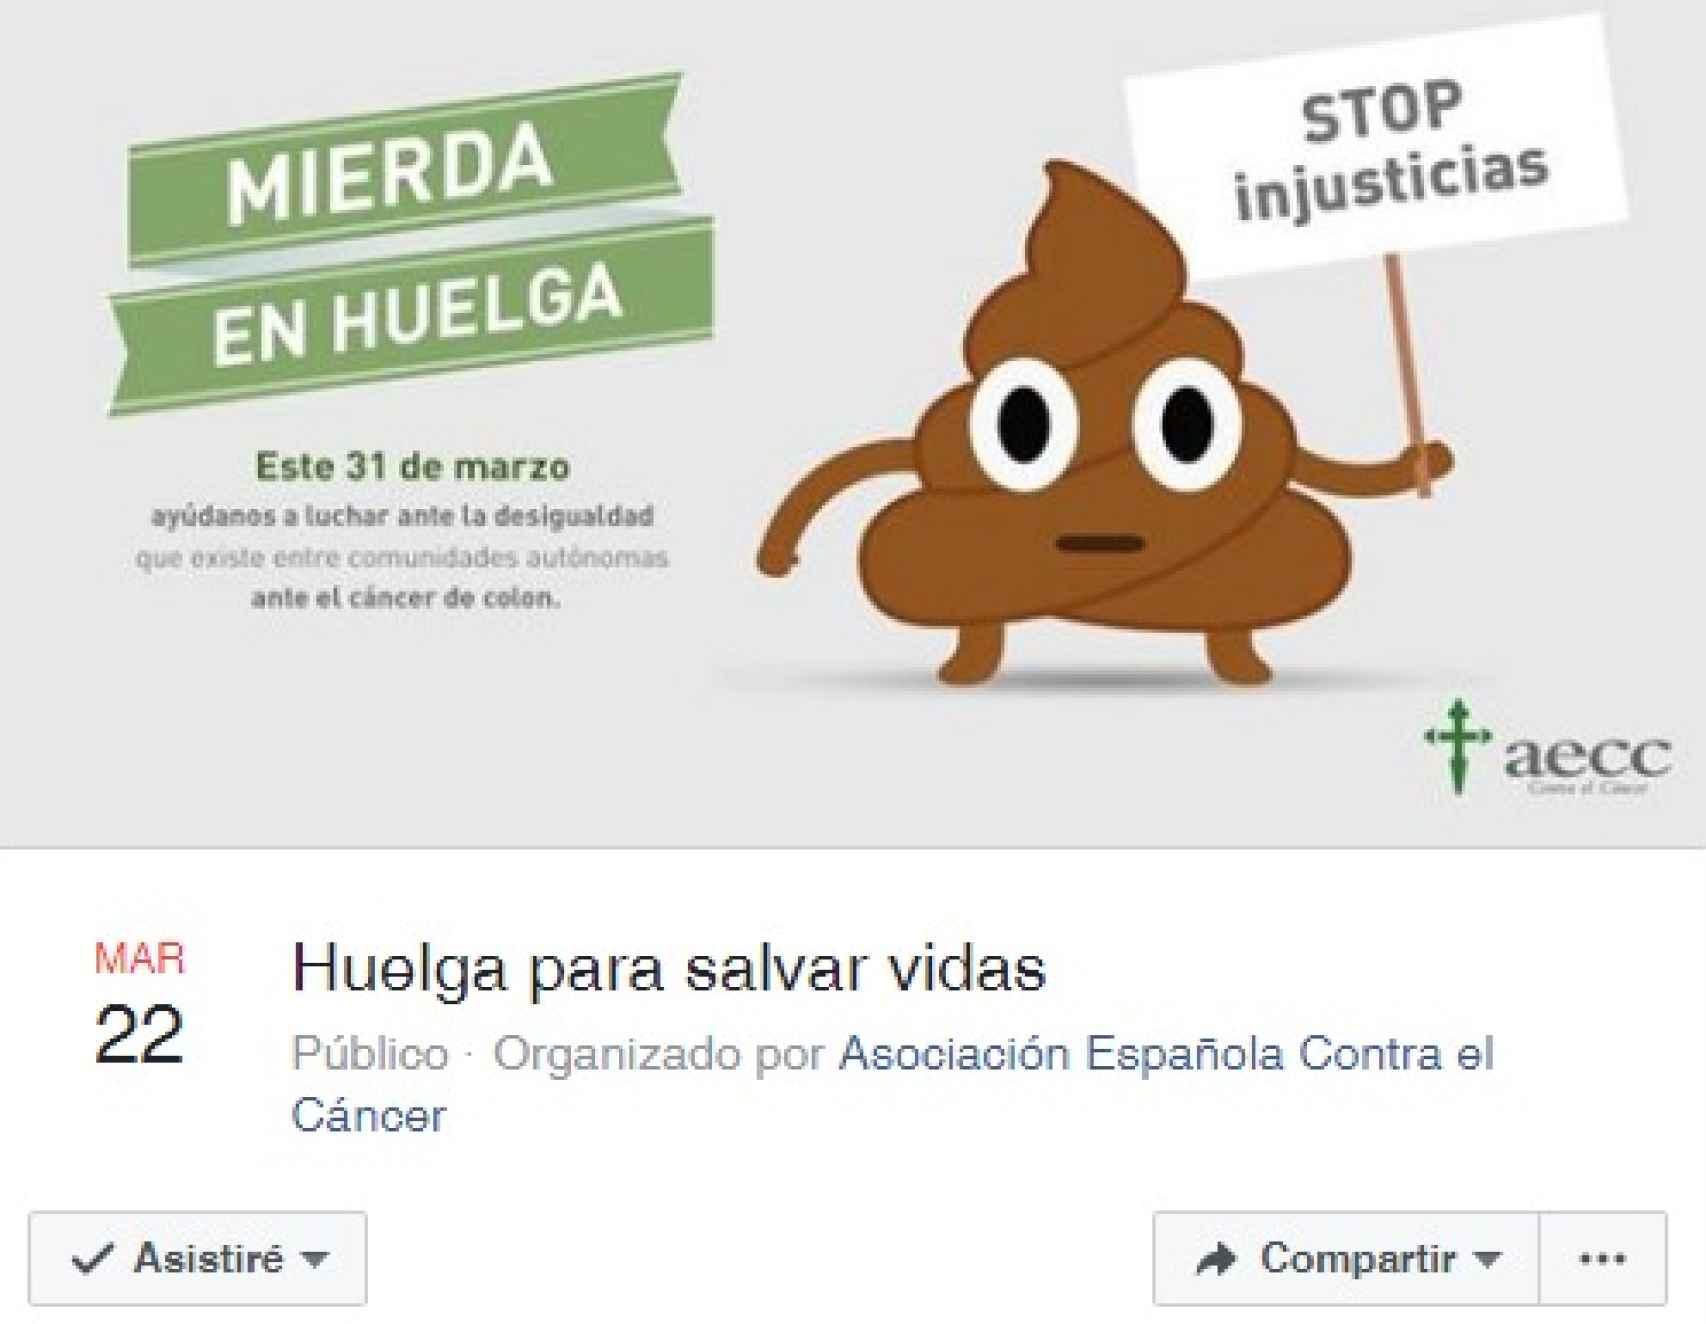 El evento creado en Facebok por la Asociación Española Contra el Cáncer